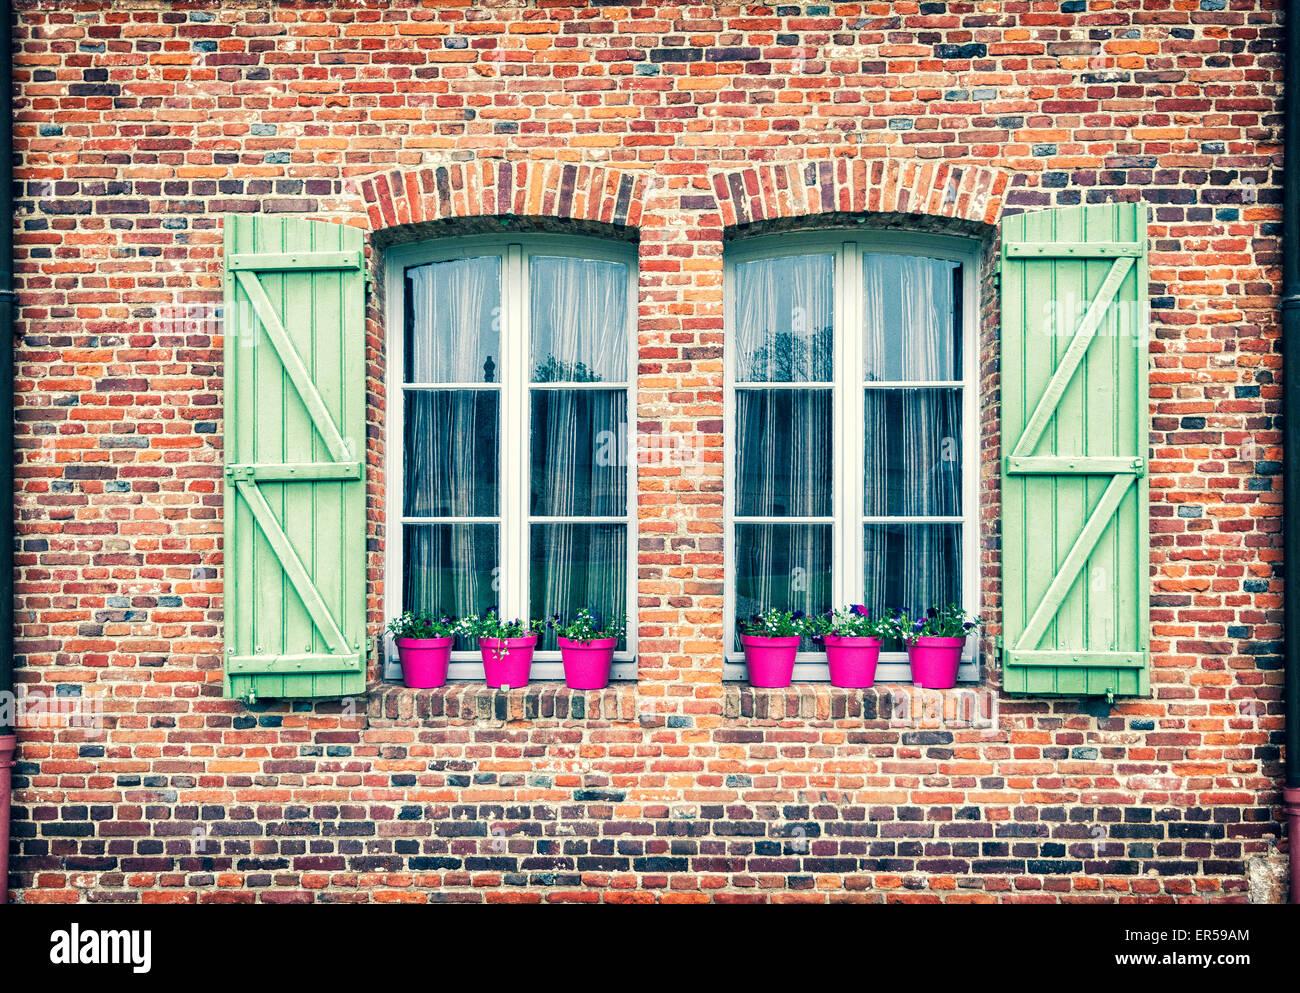 Château de Martainville - windows Imagen De Stock